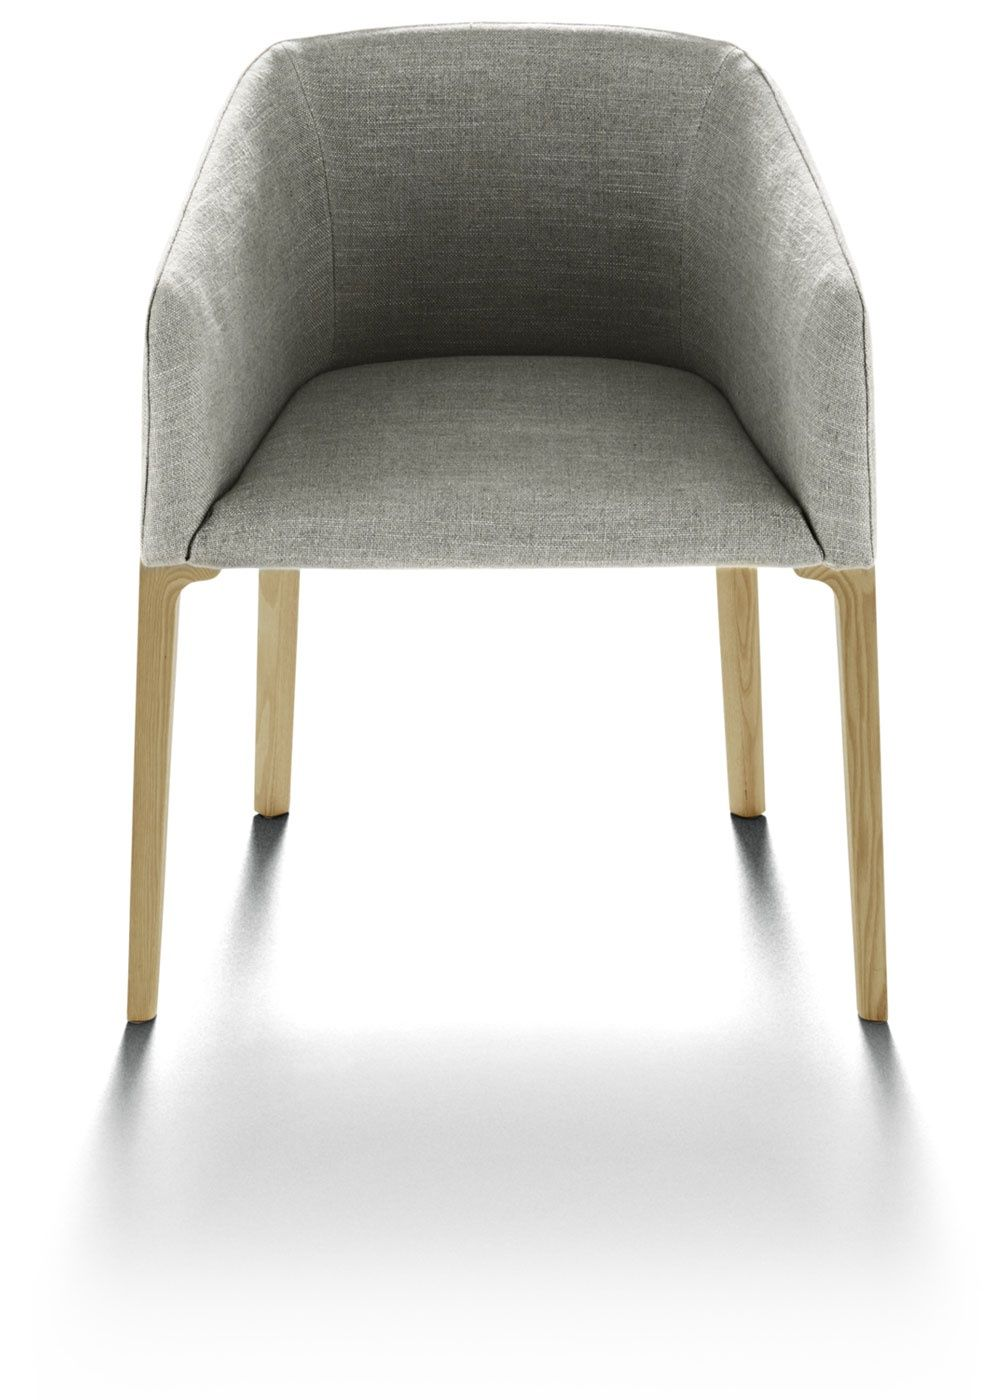 De Padova srl | Prodotti | Sedie | Chesto | Chairs | Pinterest